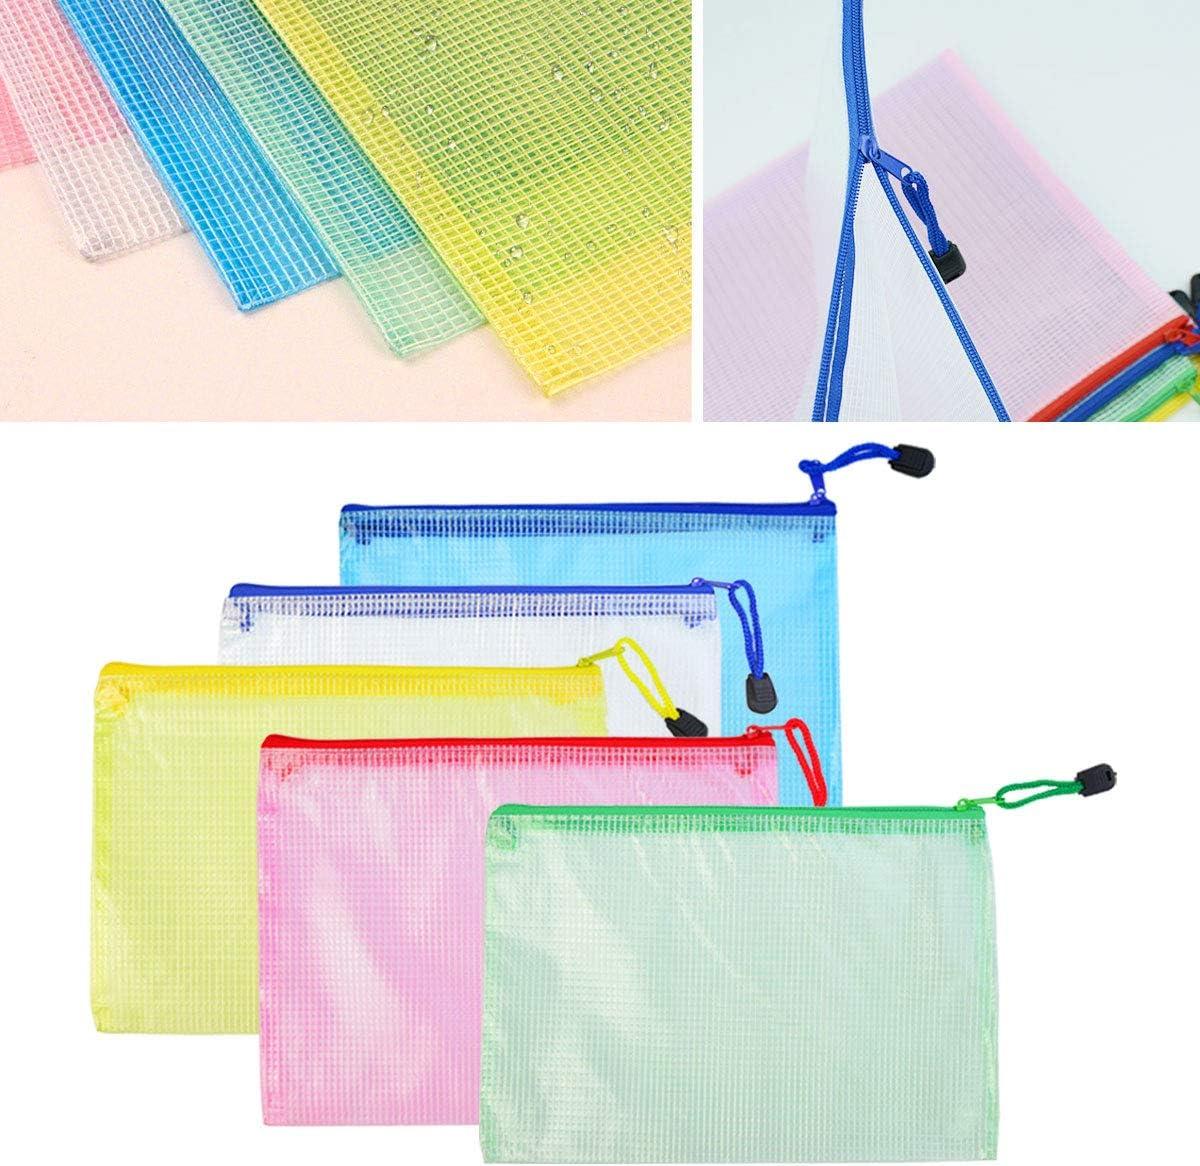 Kunststoff f/ür B/üro Schule Supplies Reisen lystaill 15/St/ück A5/Rei/ßverschluss Datei Tasche PVC-Netzstoff Dokument Tasche Geldb/örse